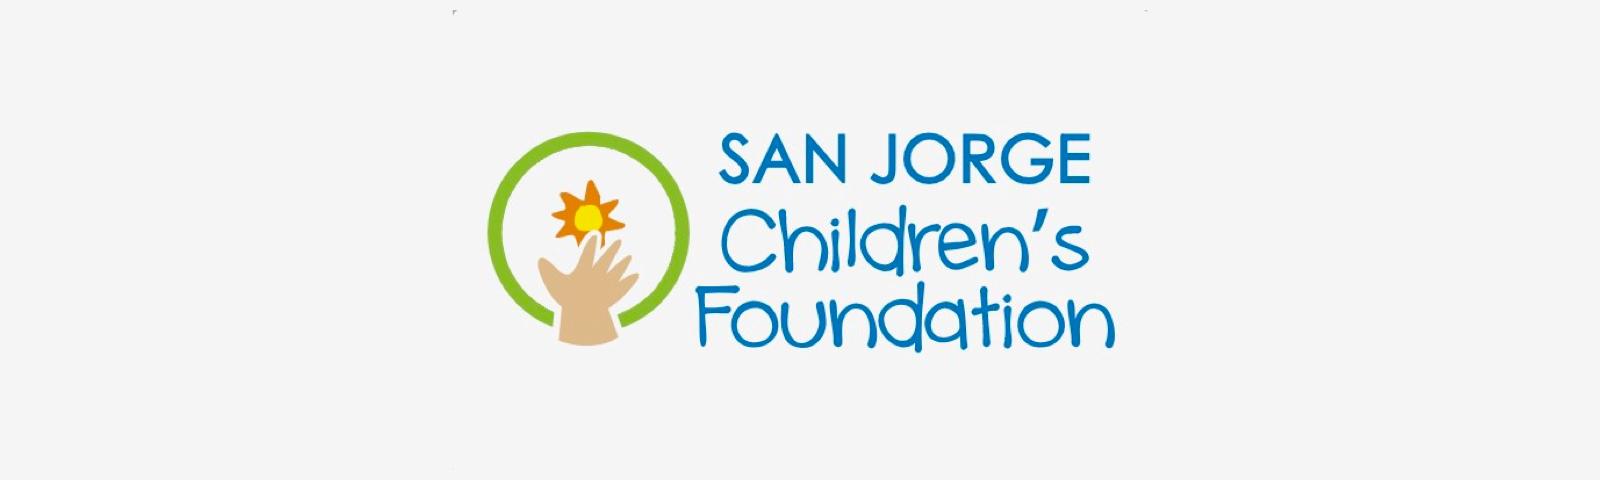 san jorge children's foundation